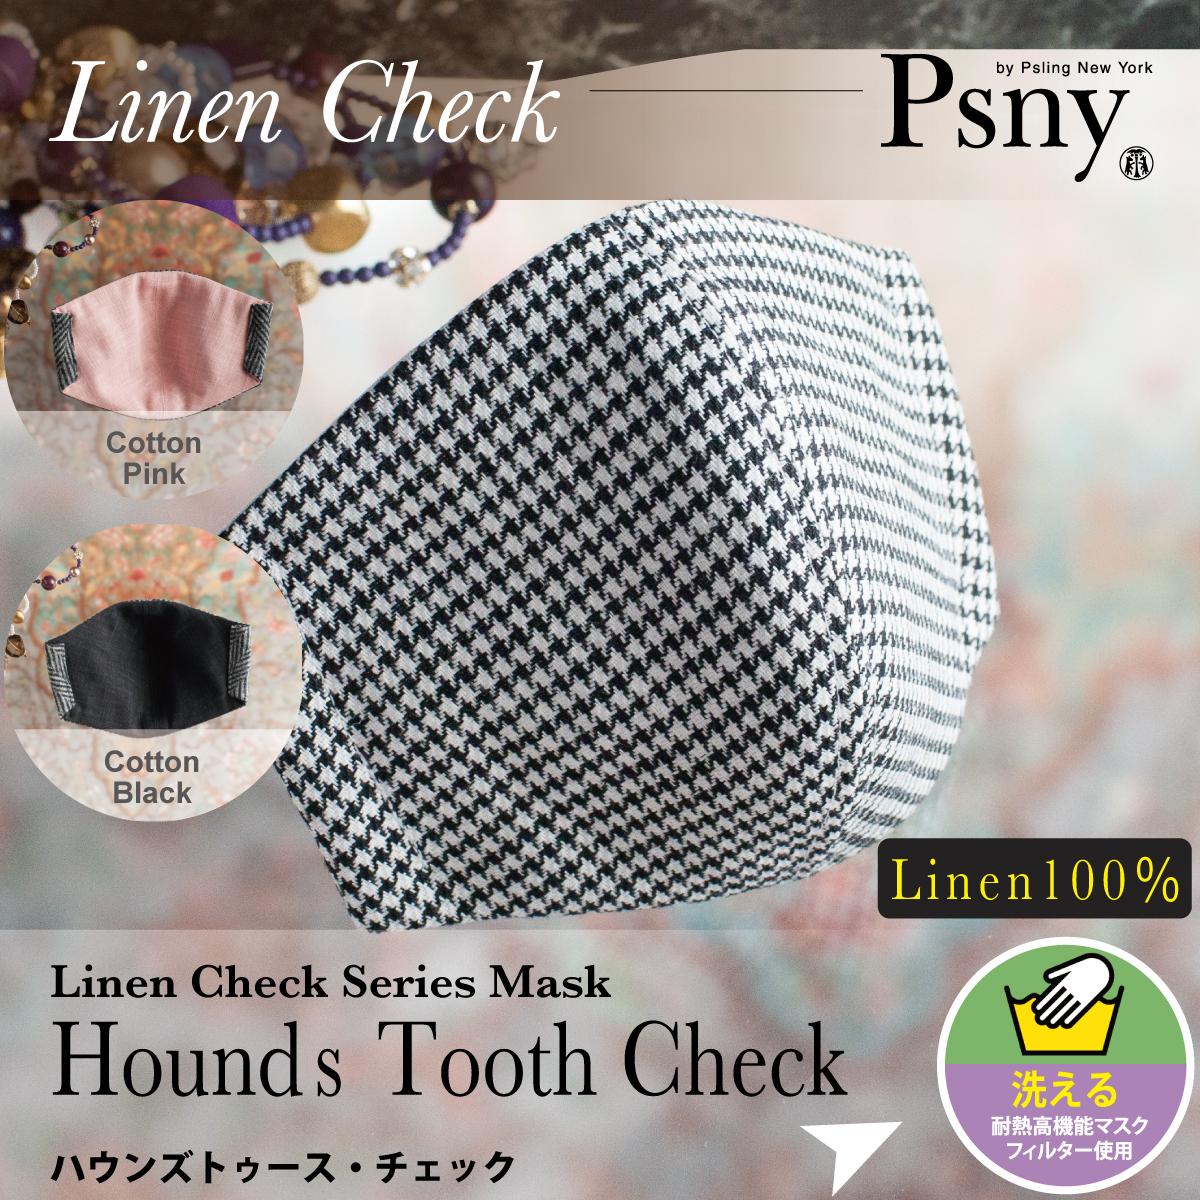 PSNY リネン・ハウンドトゥース・チェック 花粉 黄砂 洗える不織布フィルター入り 立体 大人用 マスク 送料無料 P32